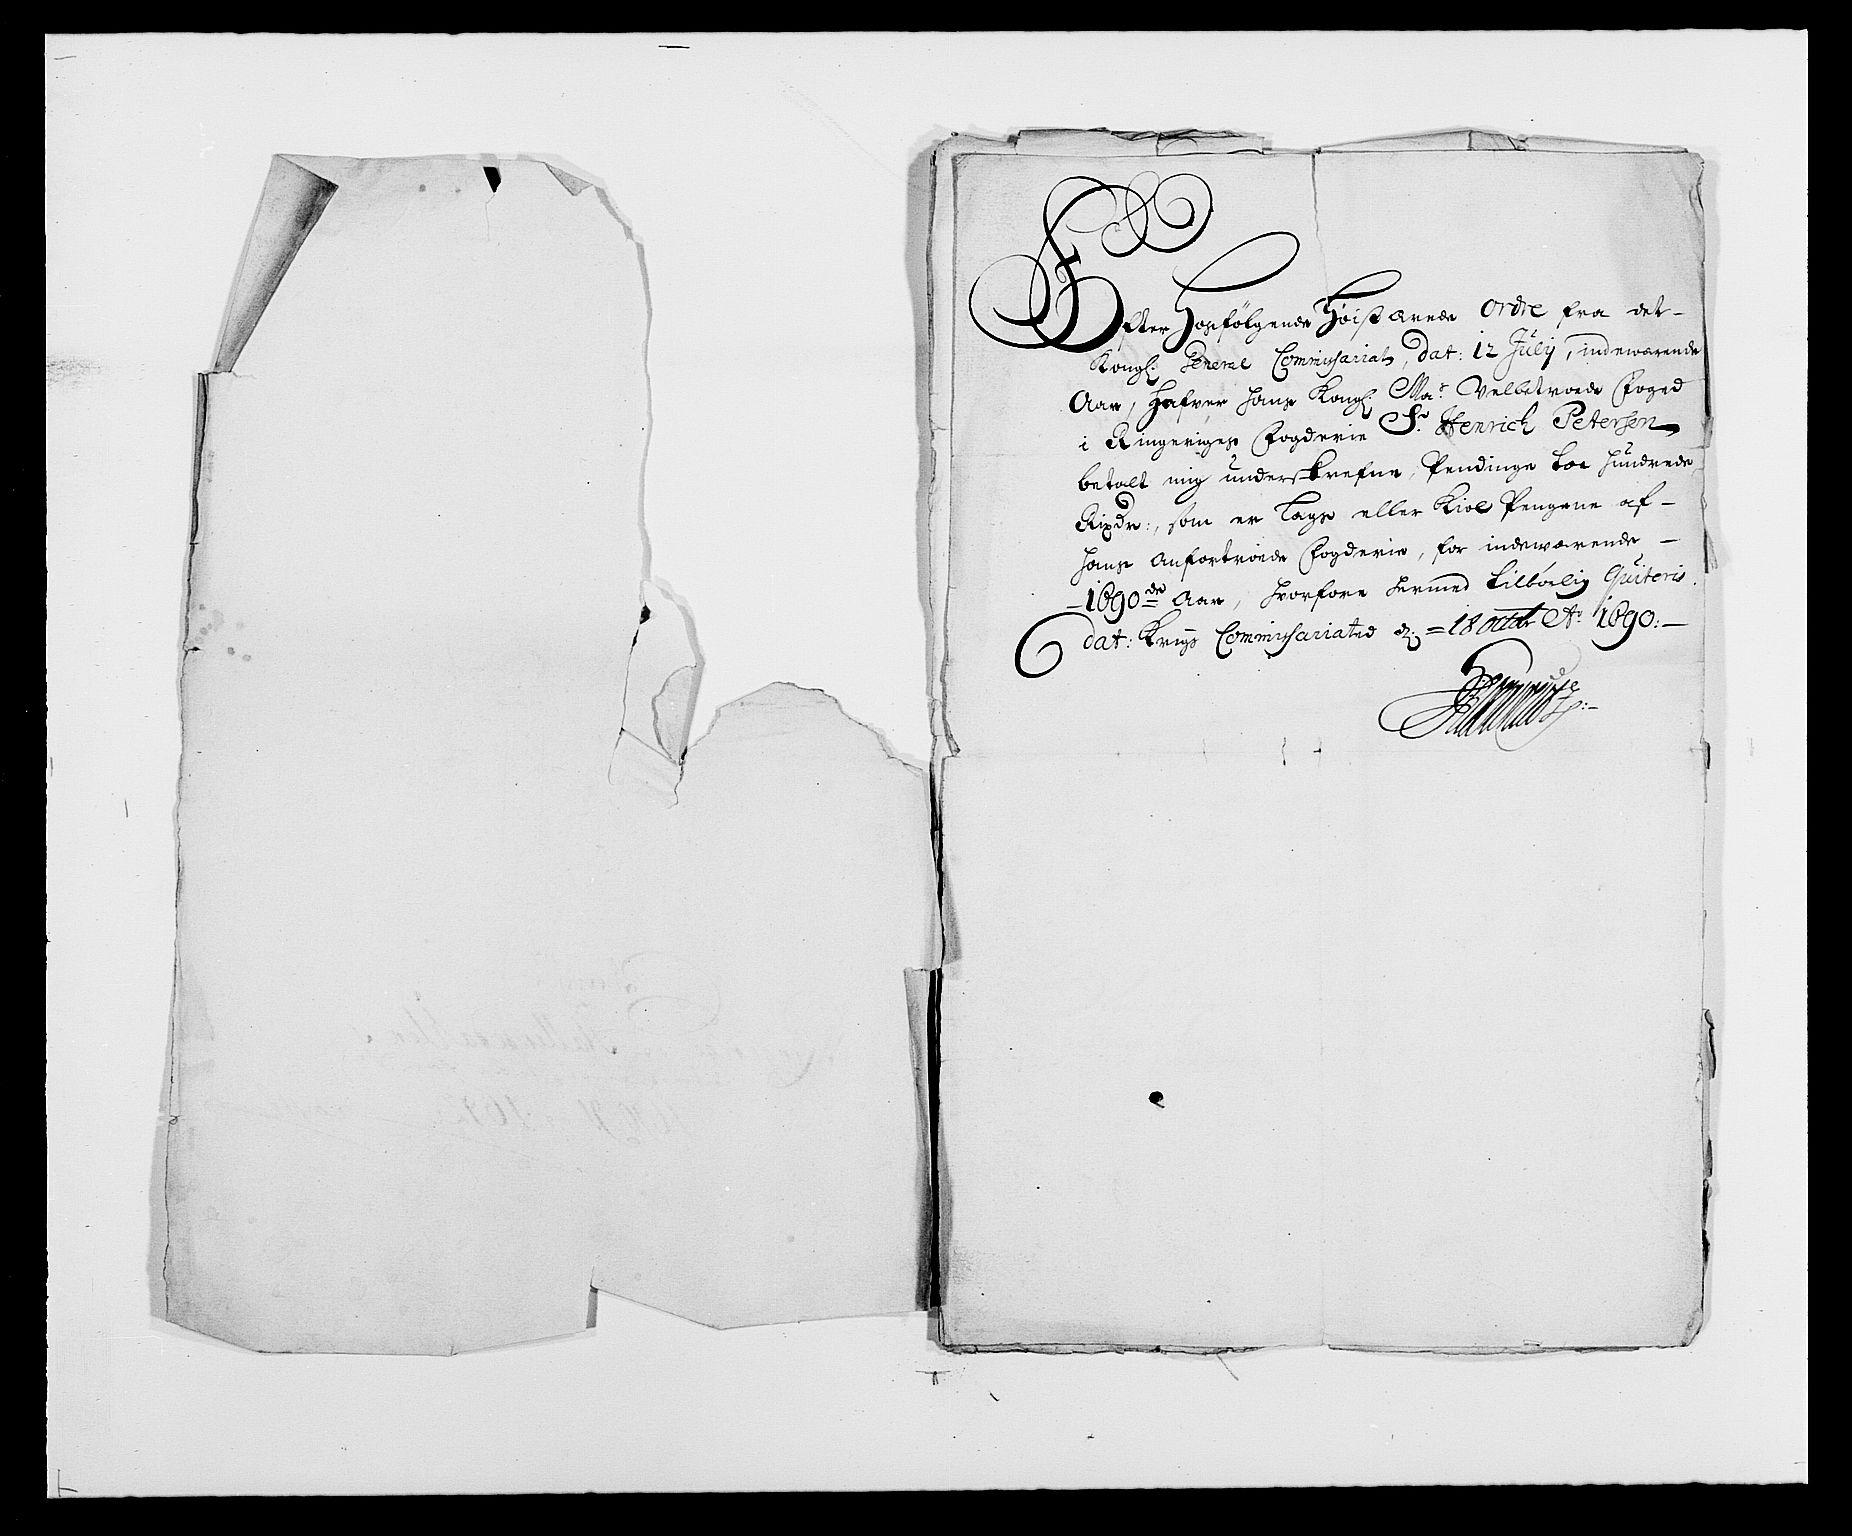 RA, Rentekammeret inntil 1814, Reviderte regnskaper, Fogderegnskap, R21/L1448: Fogderegnskap Ringerike og Hallingdal, 1690-1692, s. 123